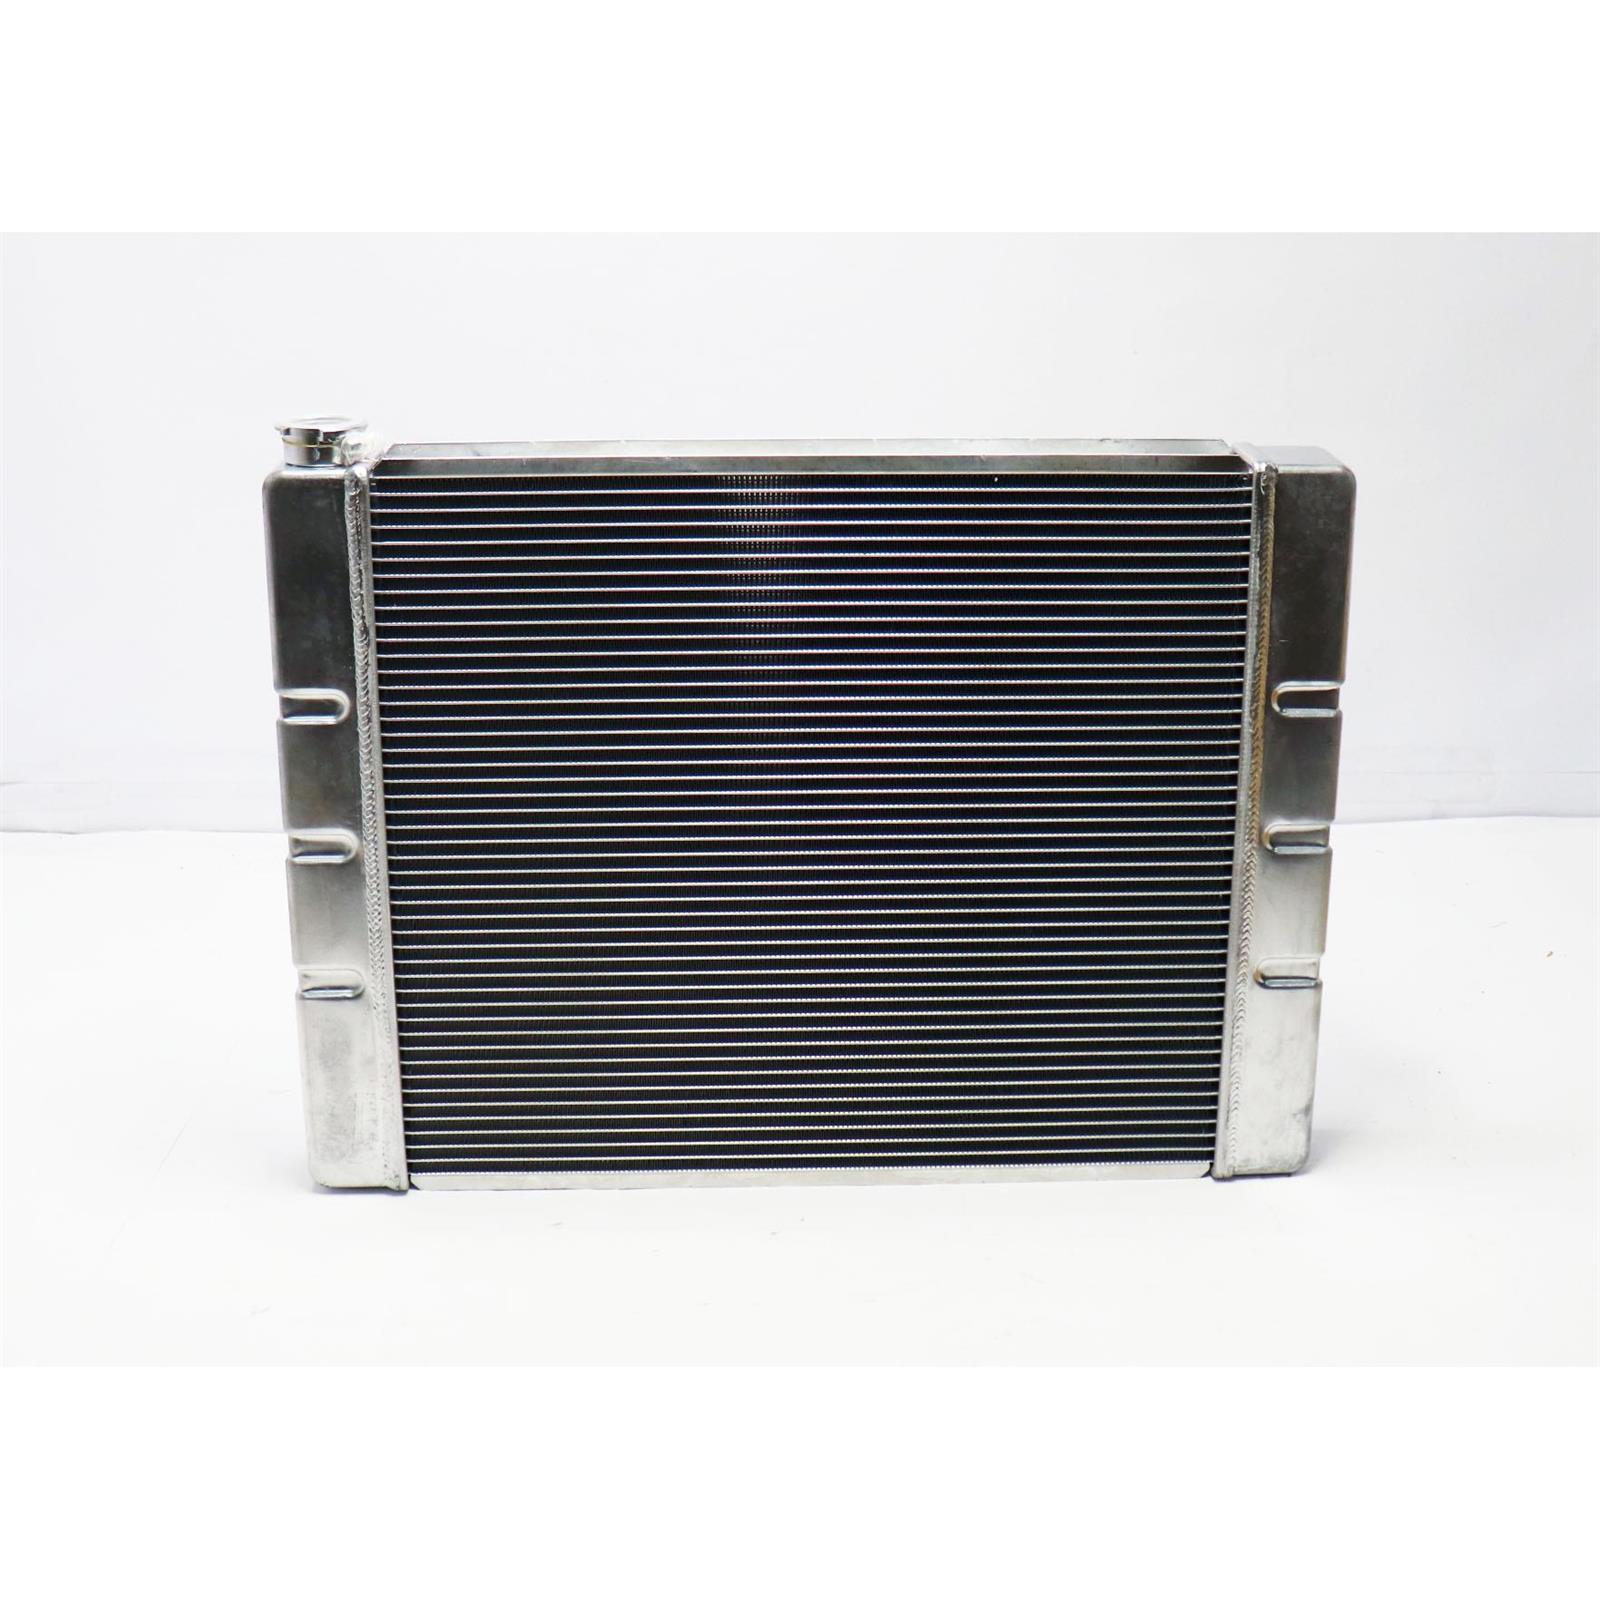 22 Inch Wide Chevy SBC//BBC Universal Aluminum Radiator